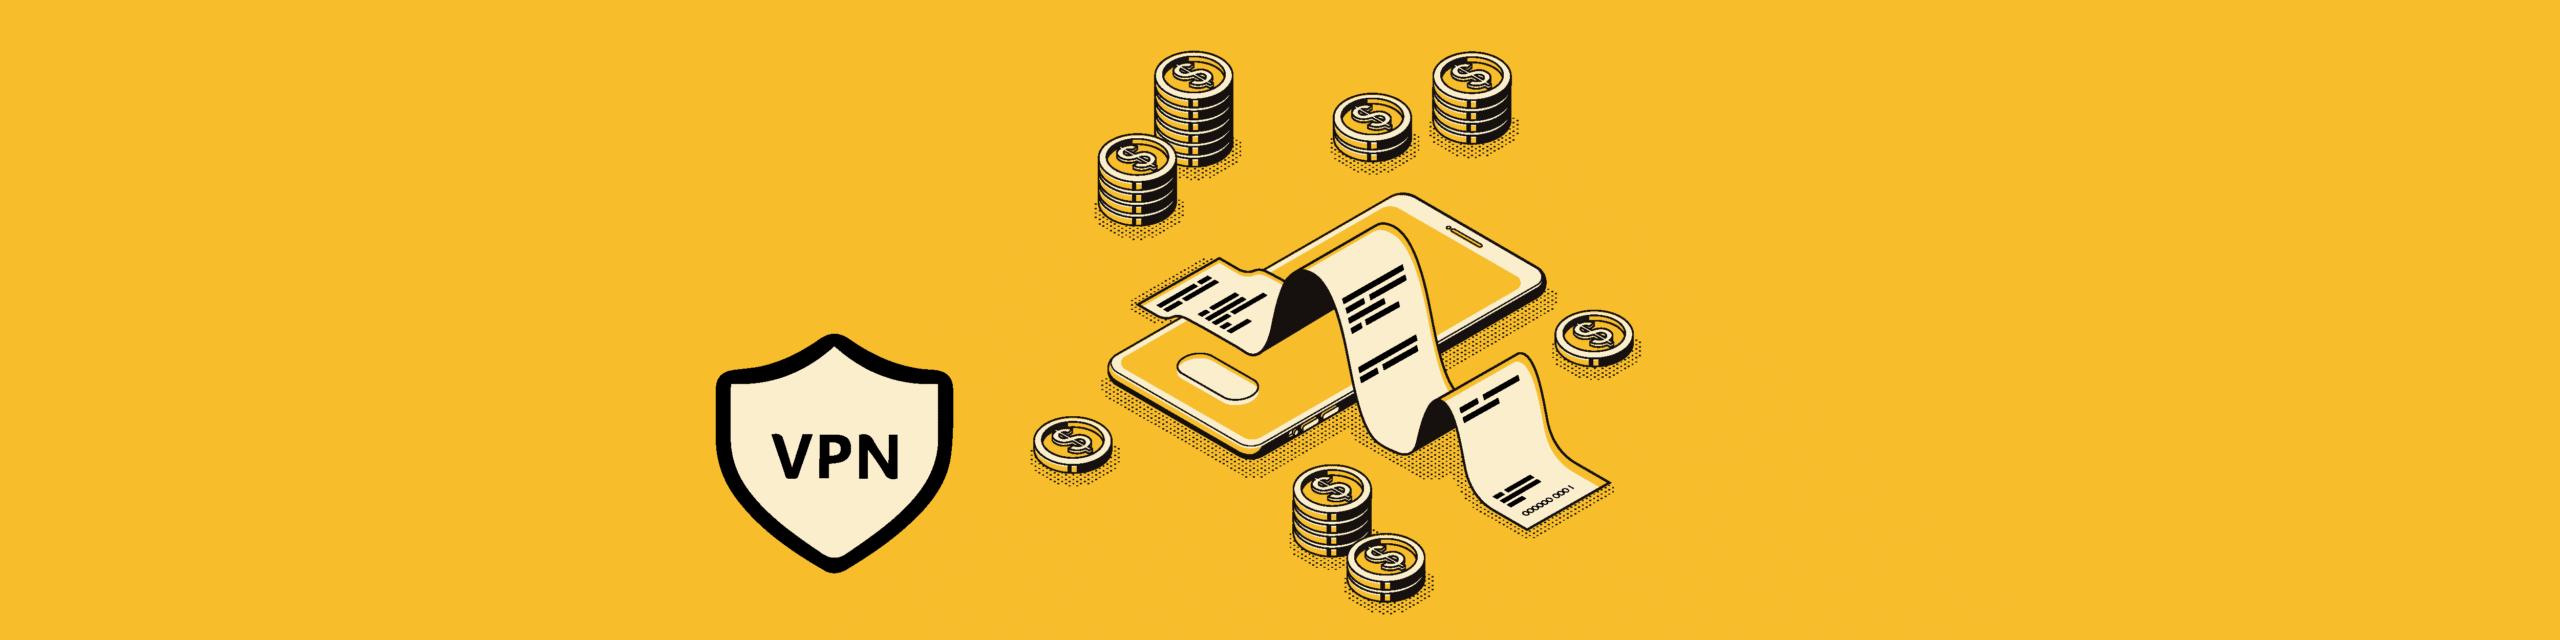 VPN for online banking